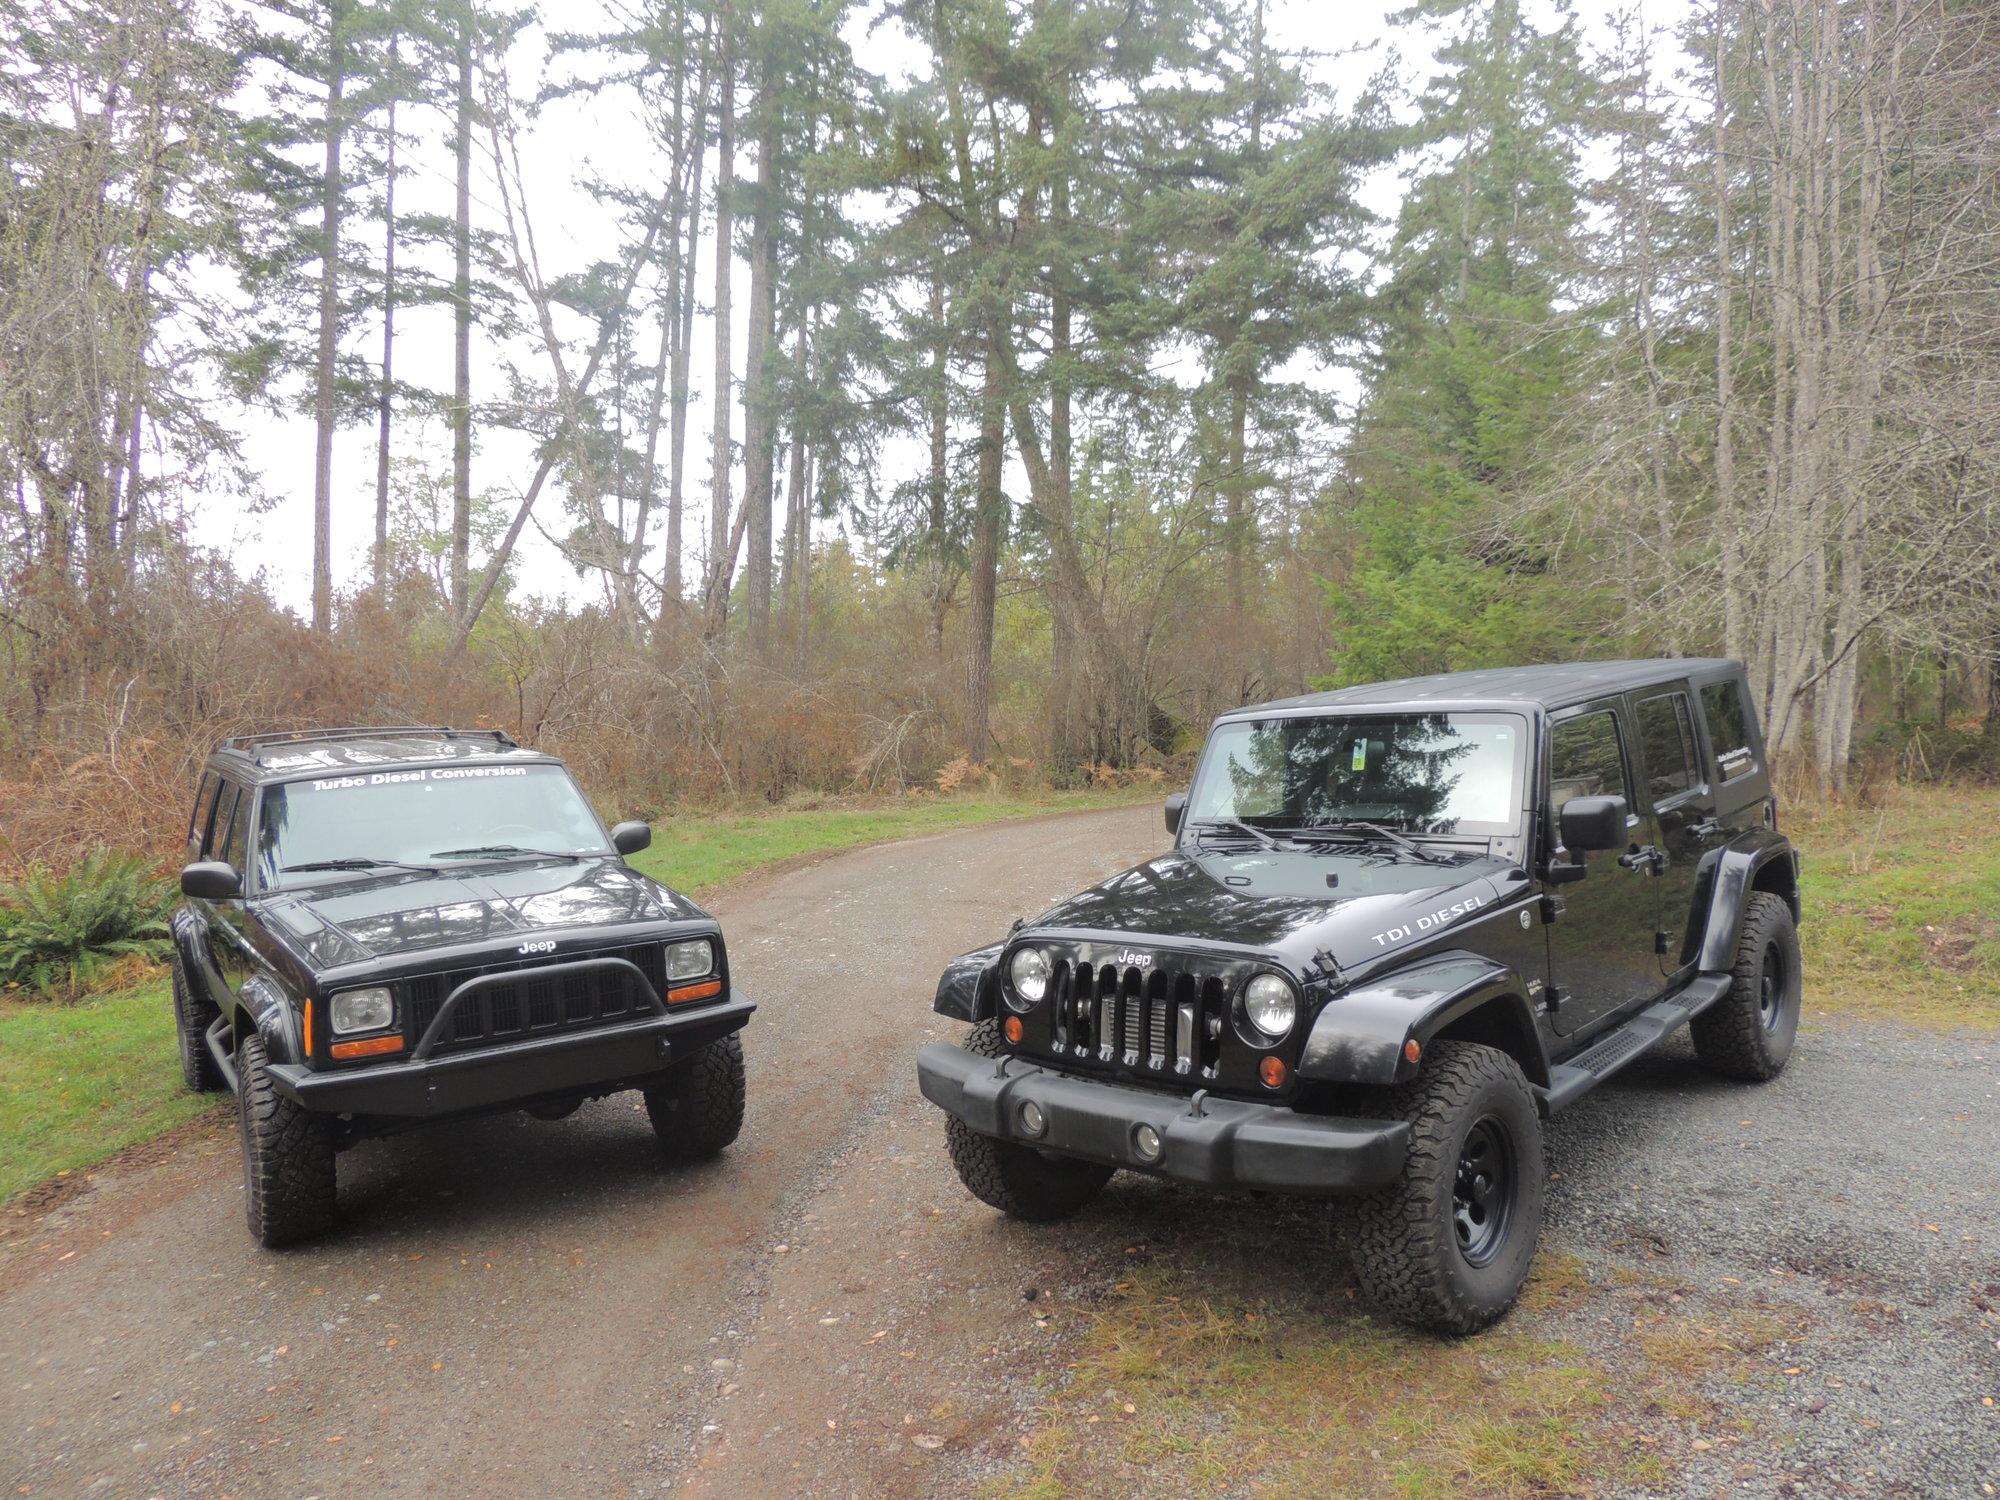 Project KEEP IT WEIRD XJ/VW 1 9L TDI swap - Overlander - Jeep